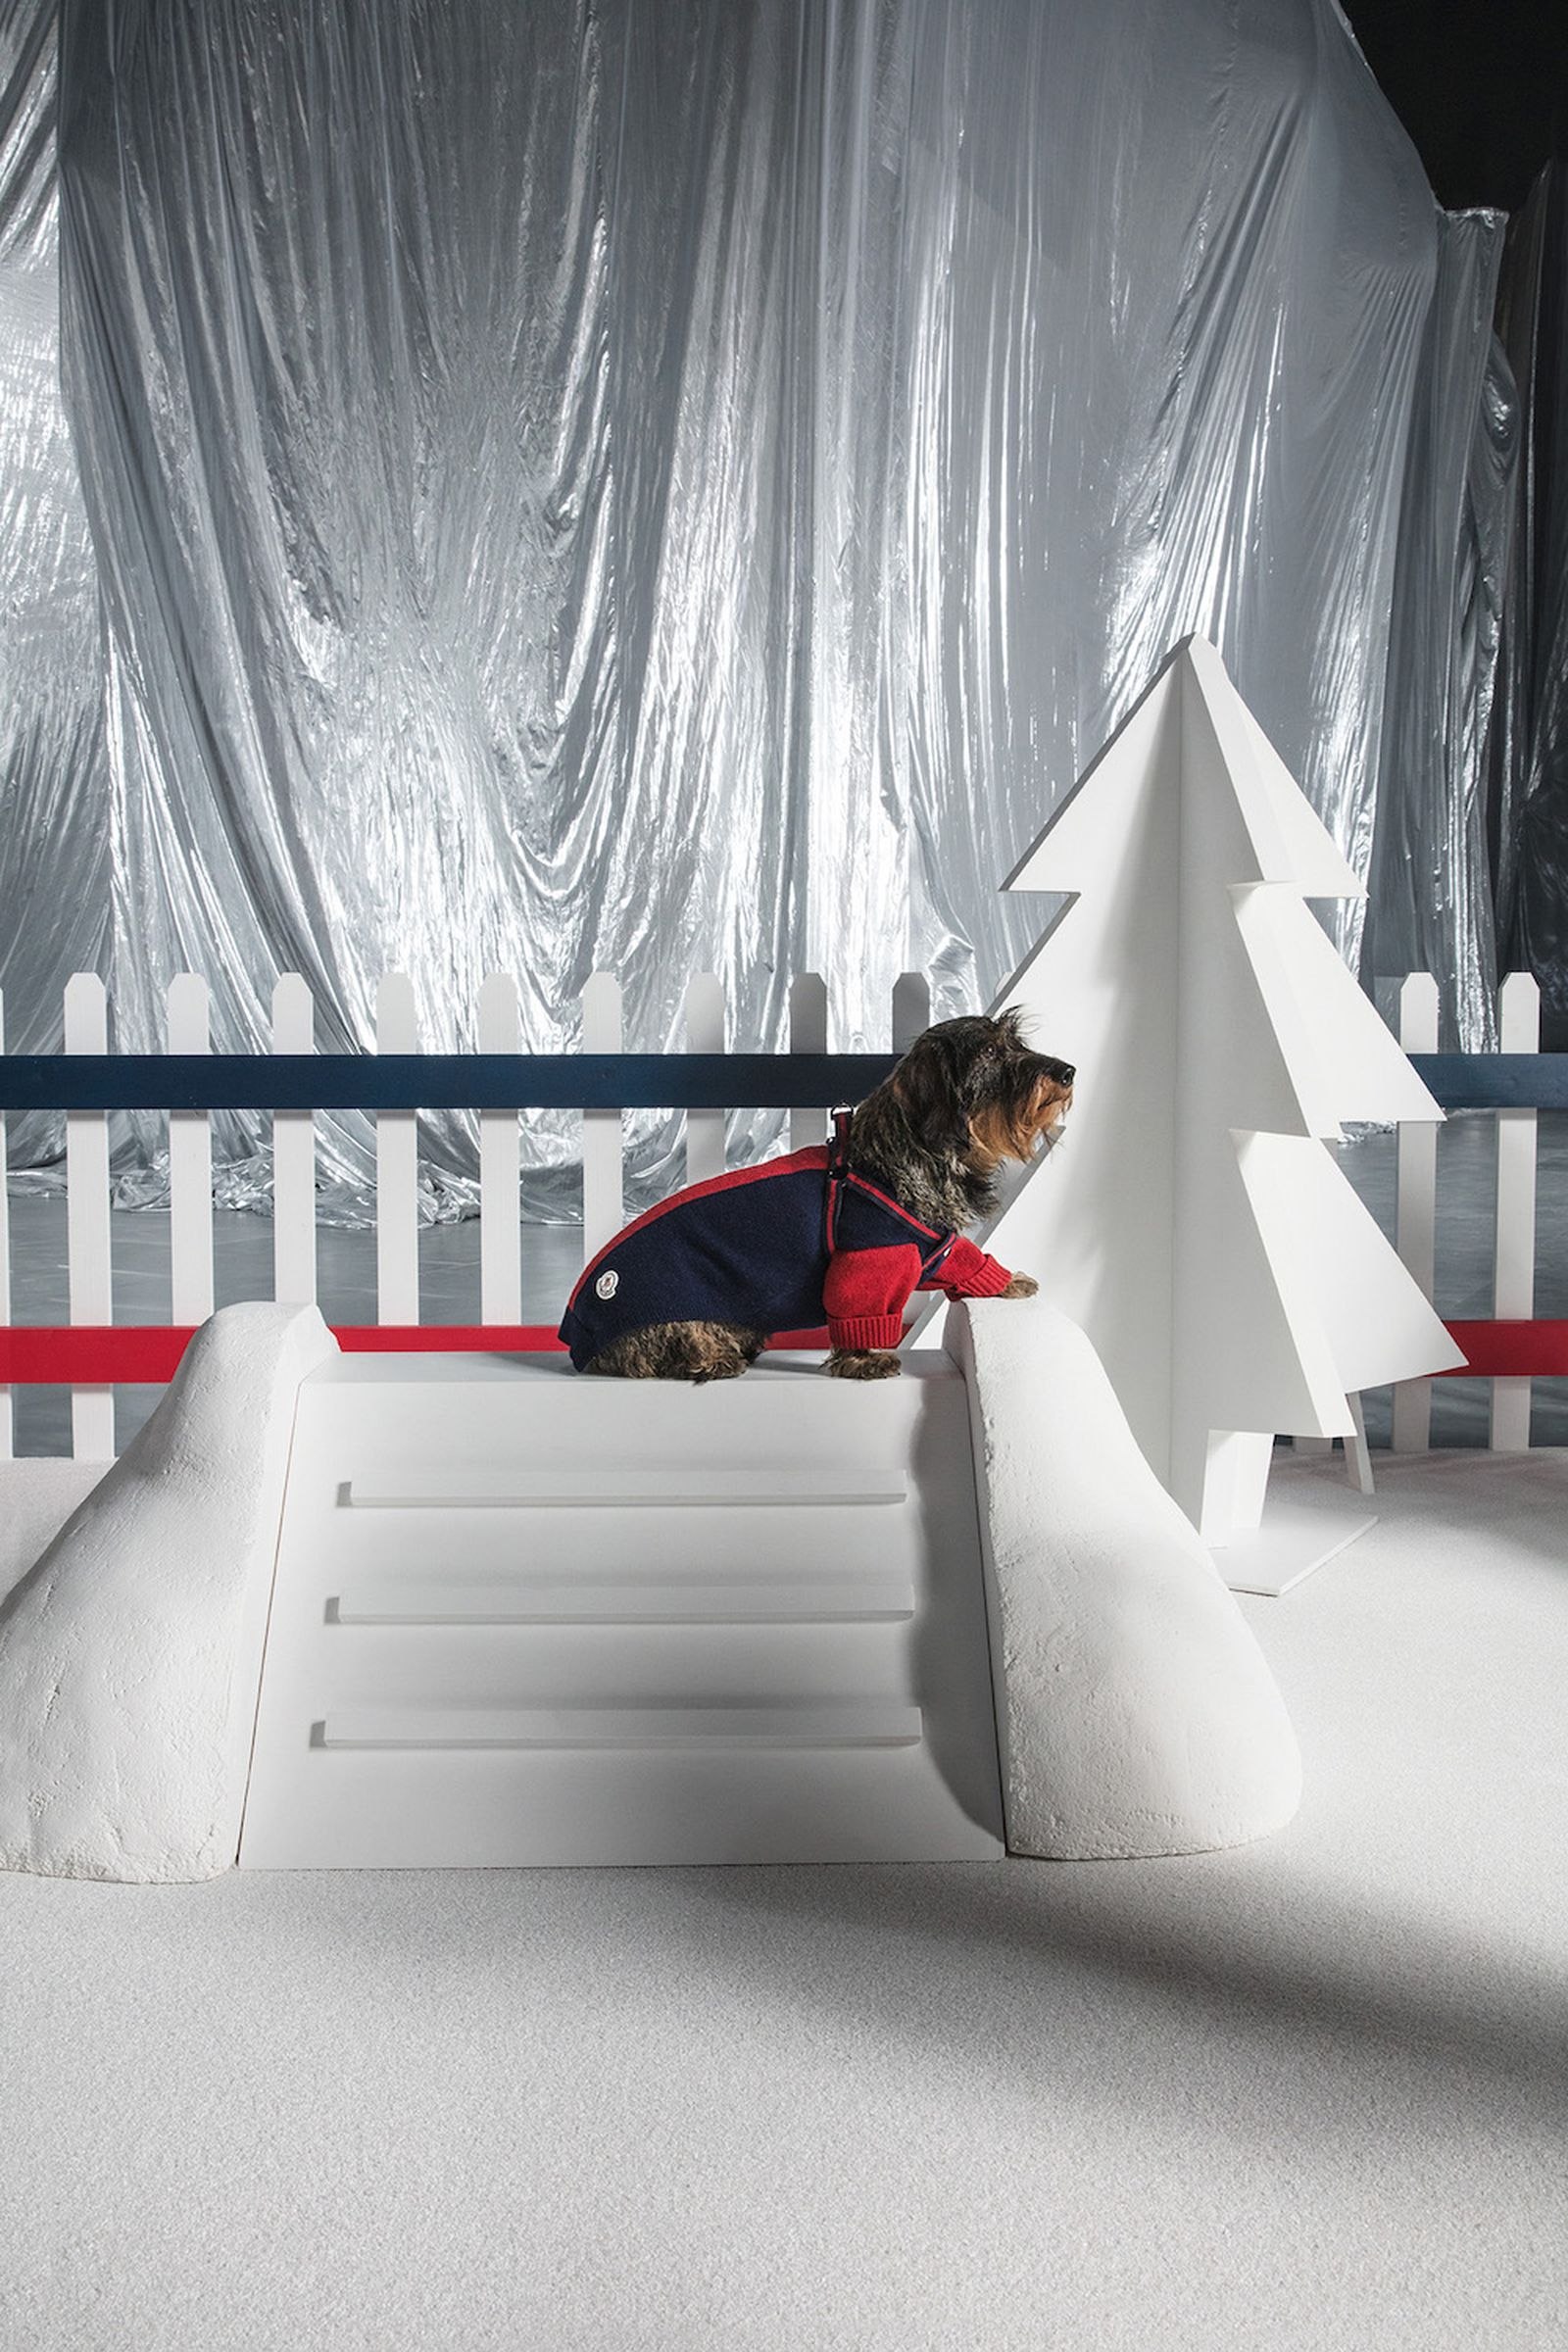 moncler dog couture fw18 Poldo Dog Couture